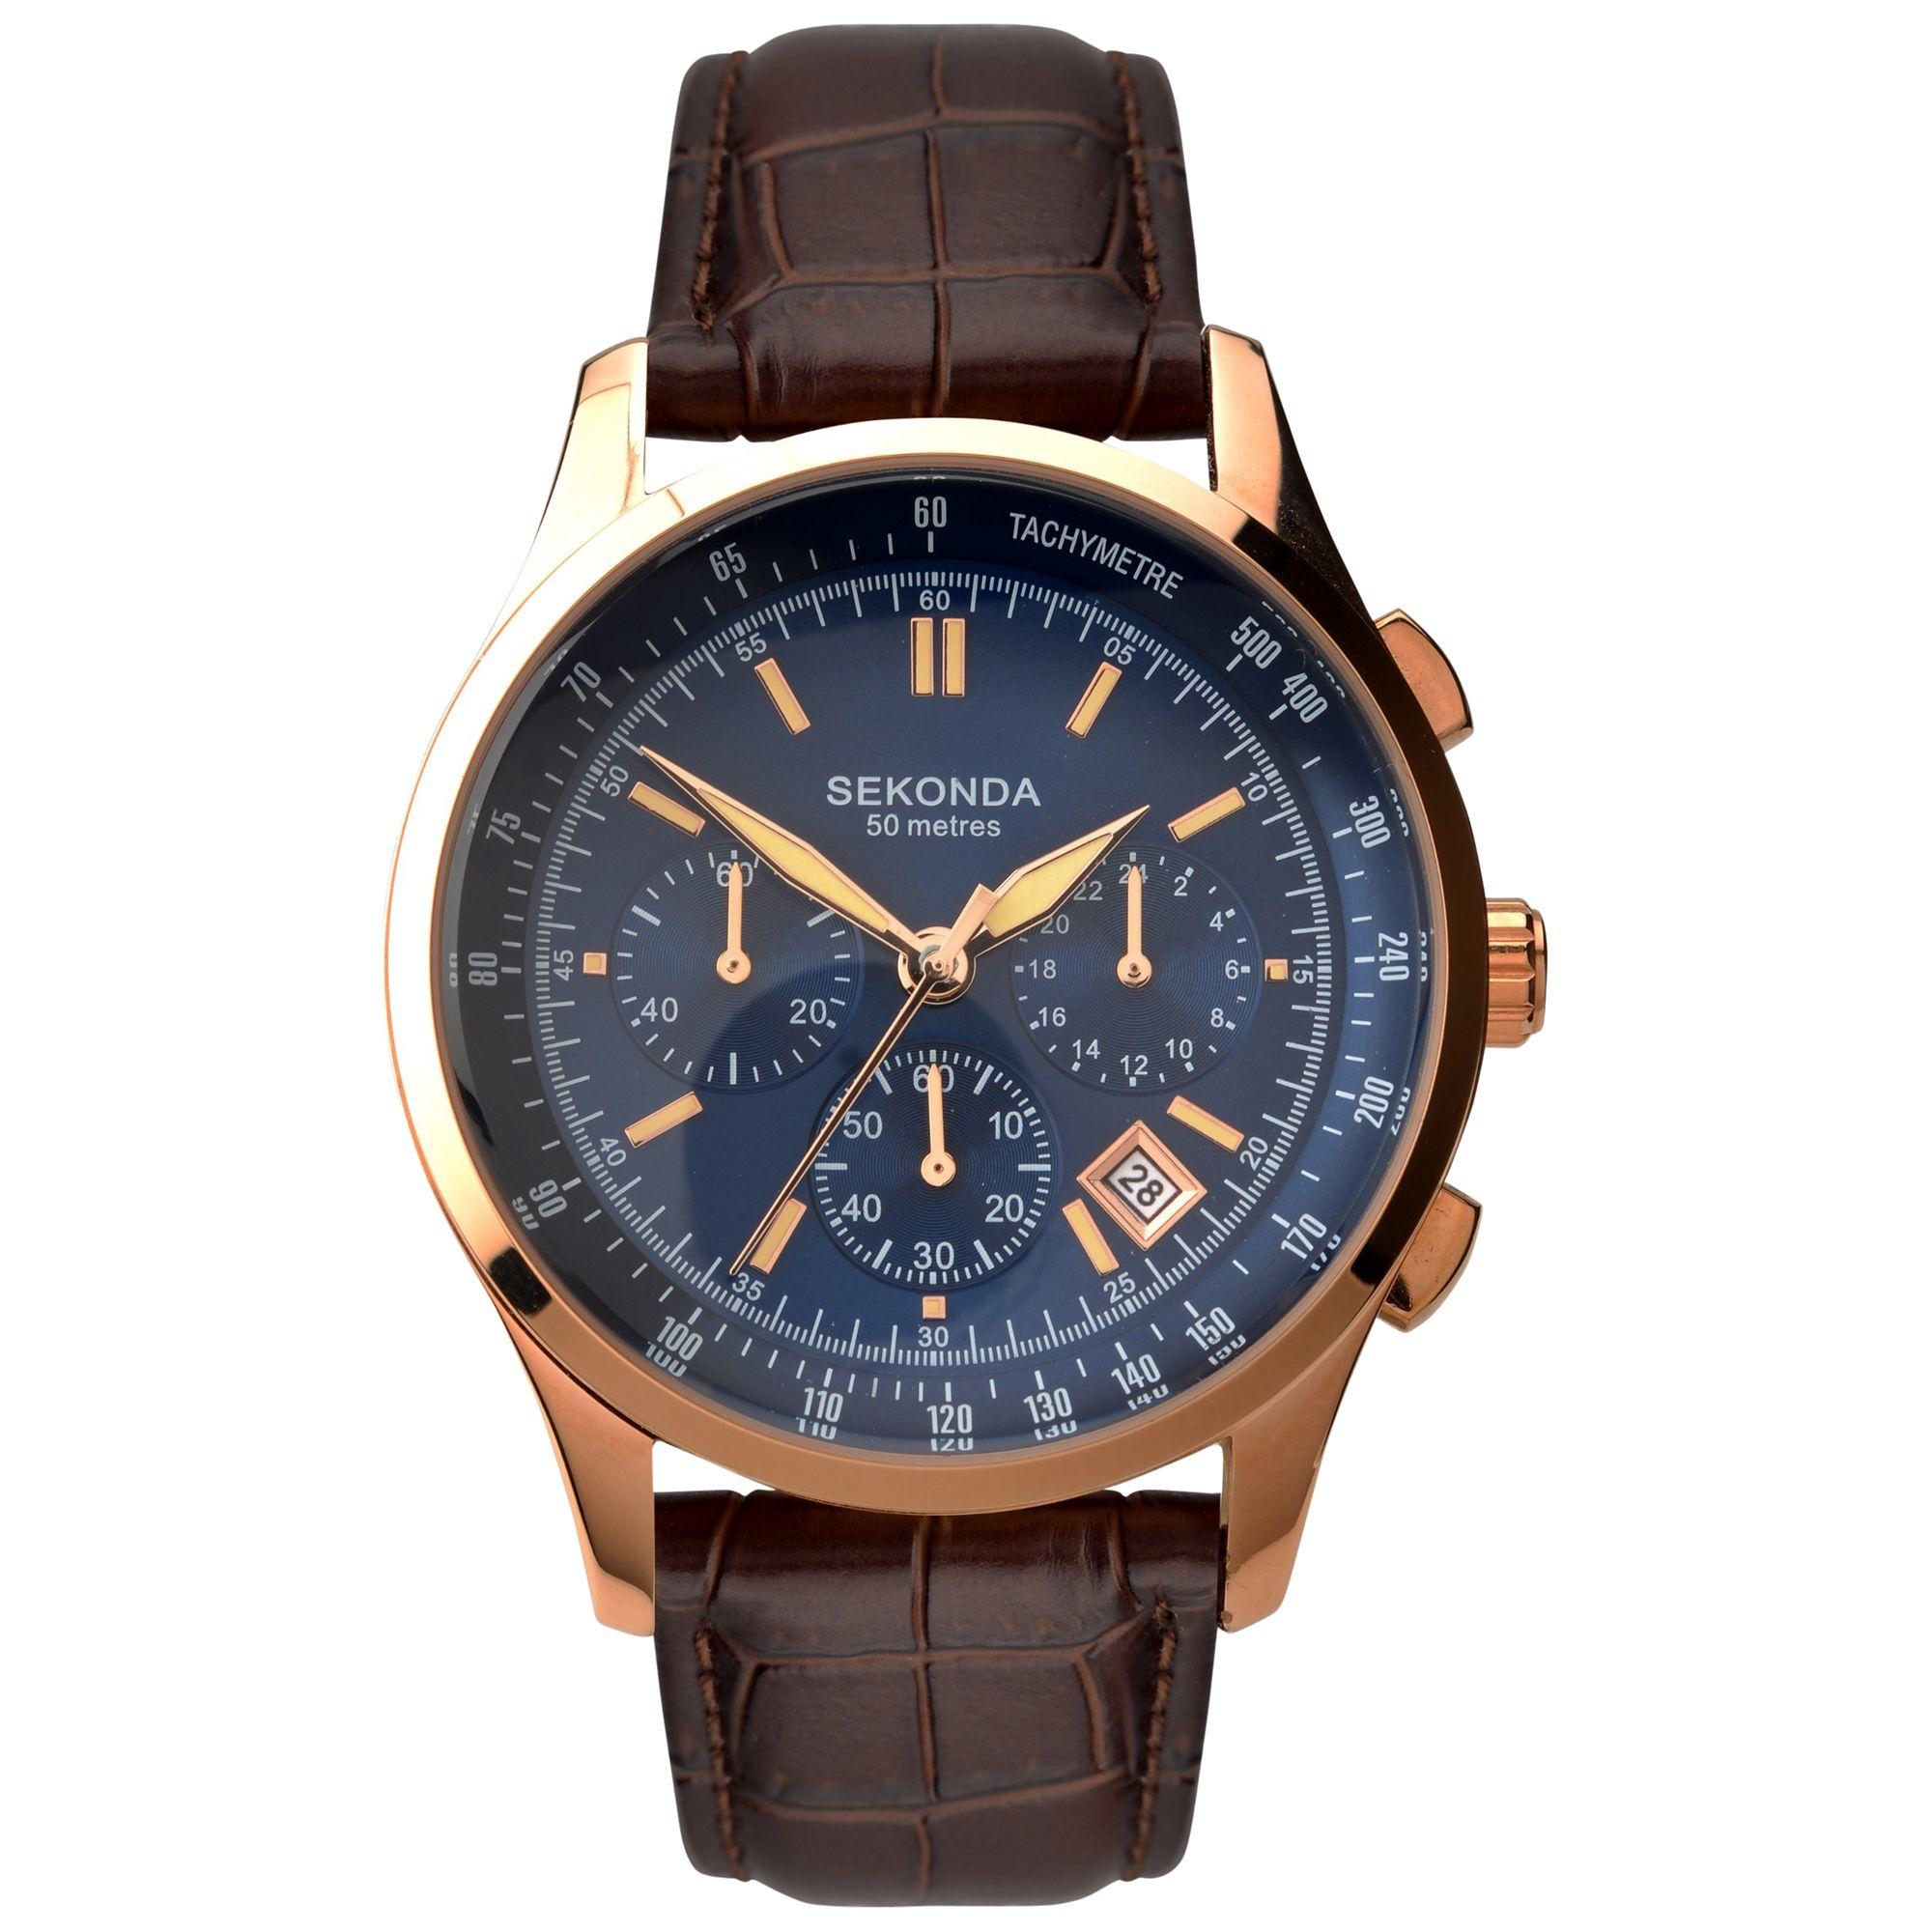 Sekonda Sekonda 1157.27 Men's Chronograph Leather Strap Watch, Brown/Blue